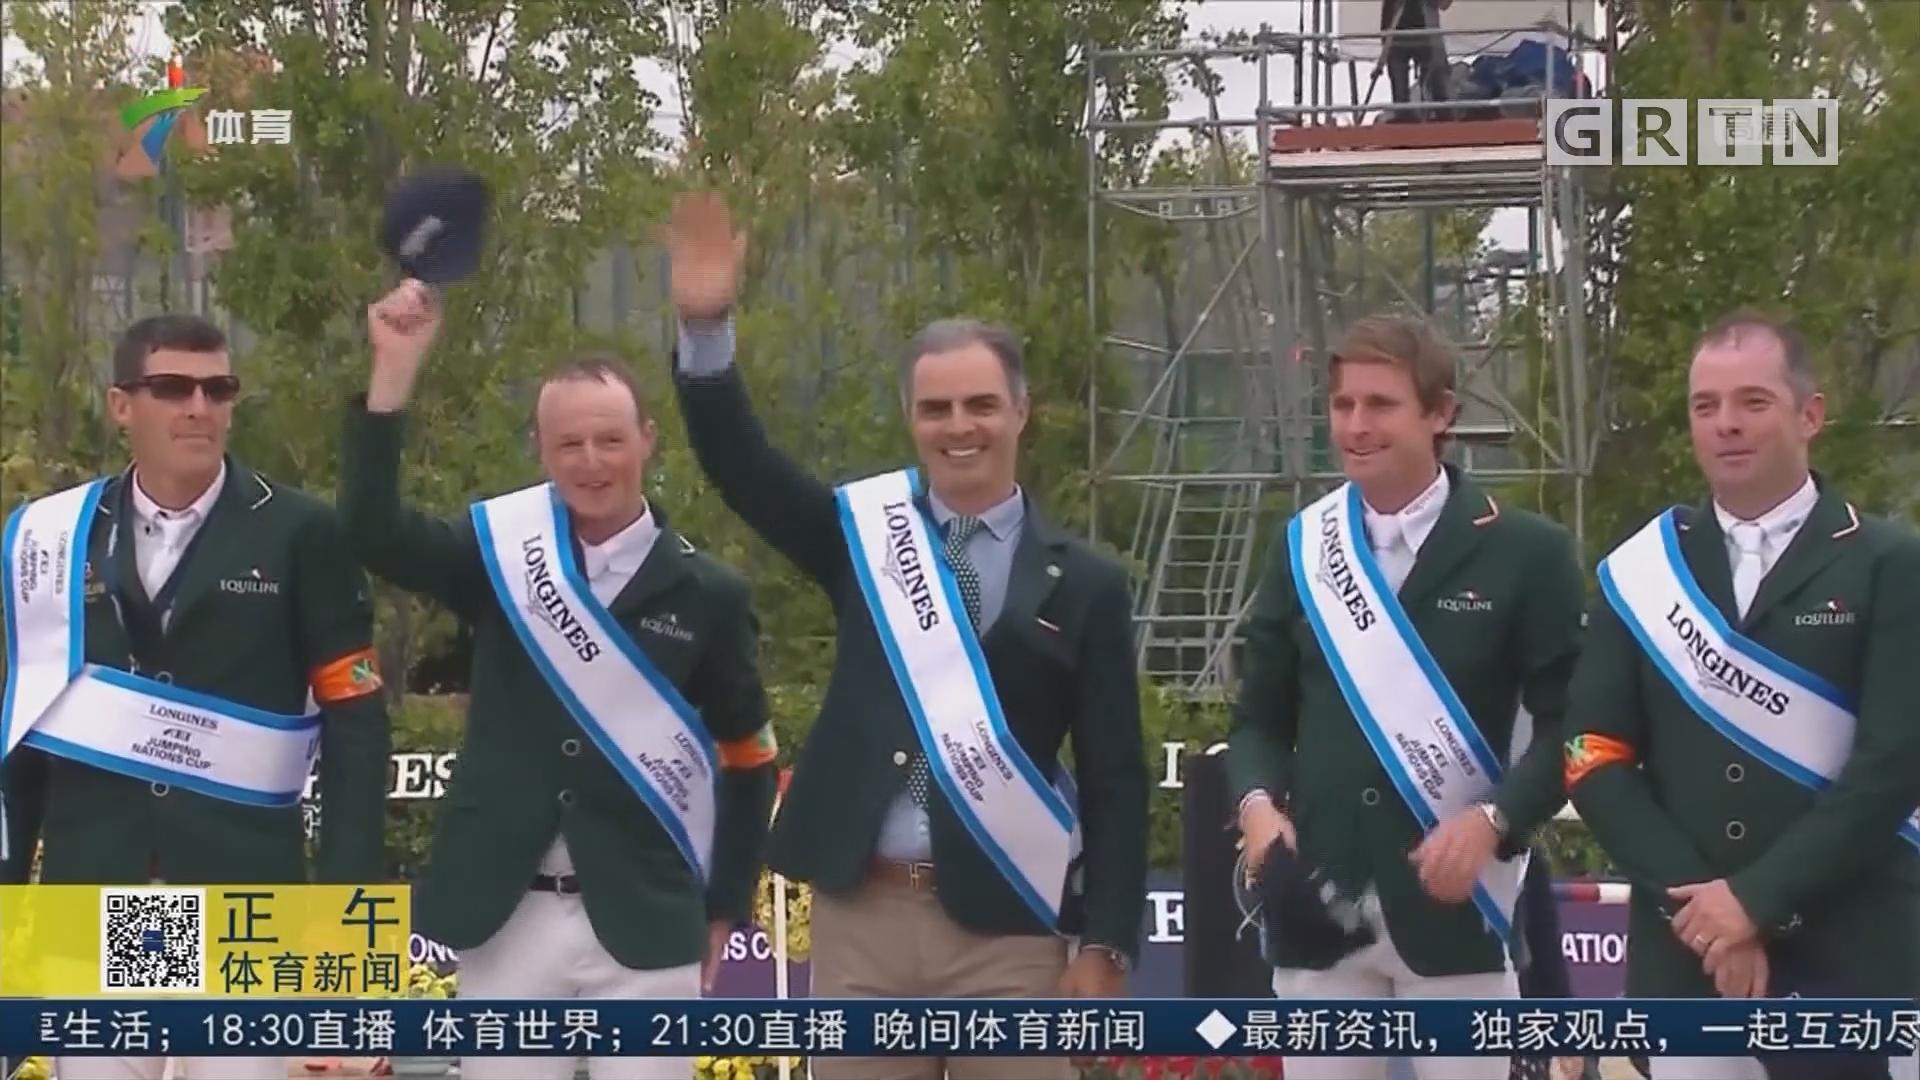 愛爾蘭馬術隊獲得東京奧運會資格